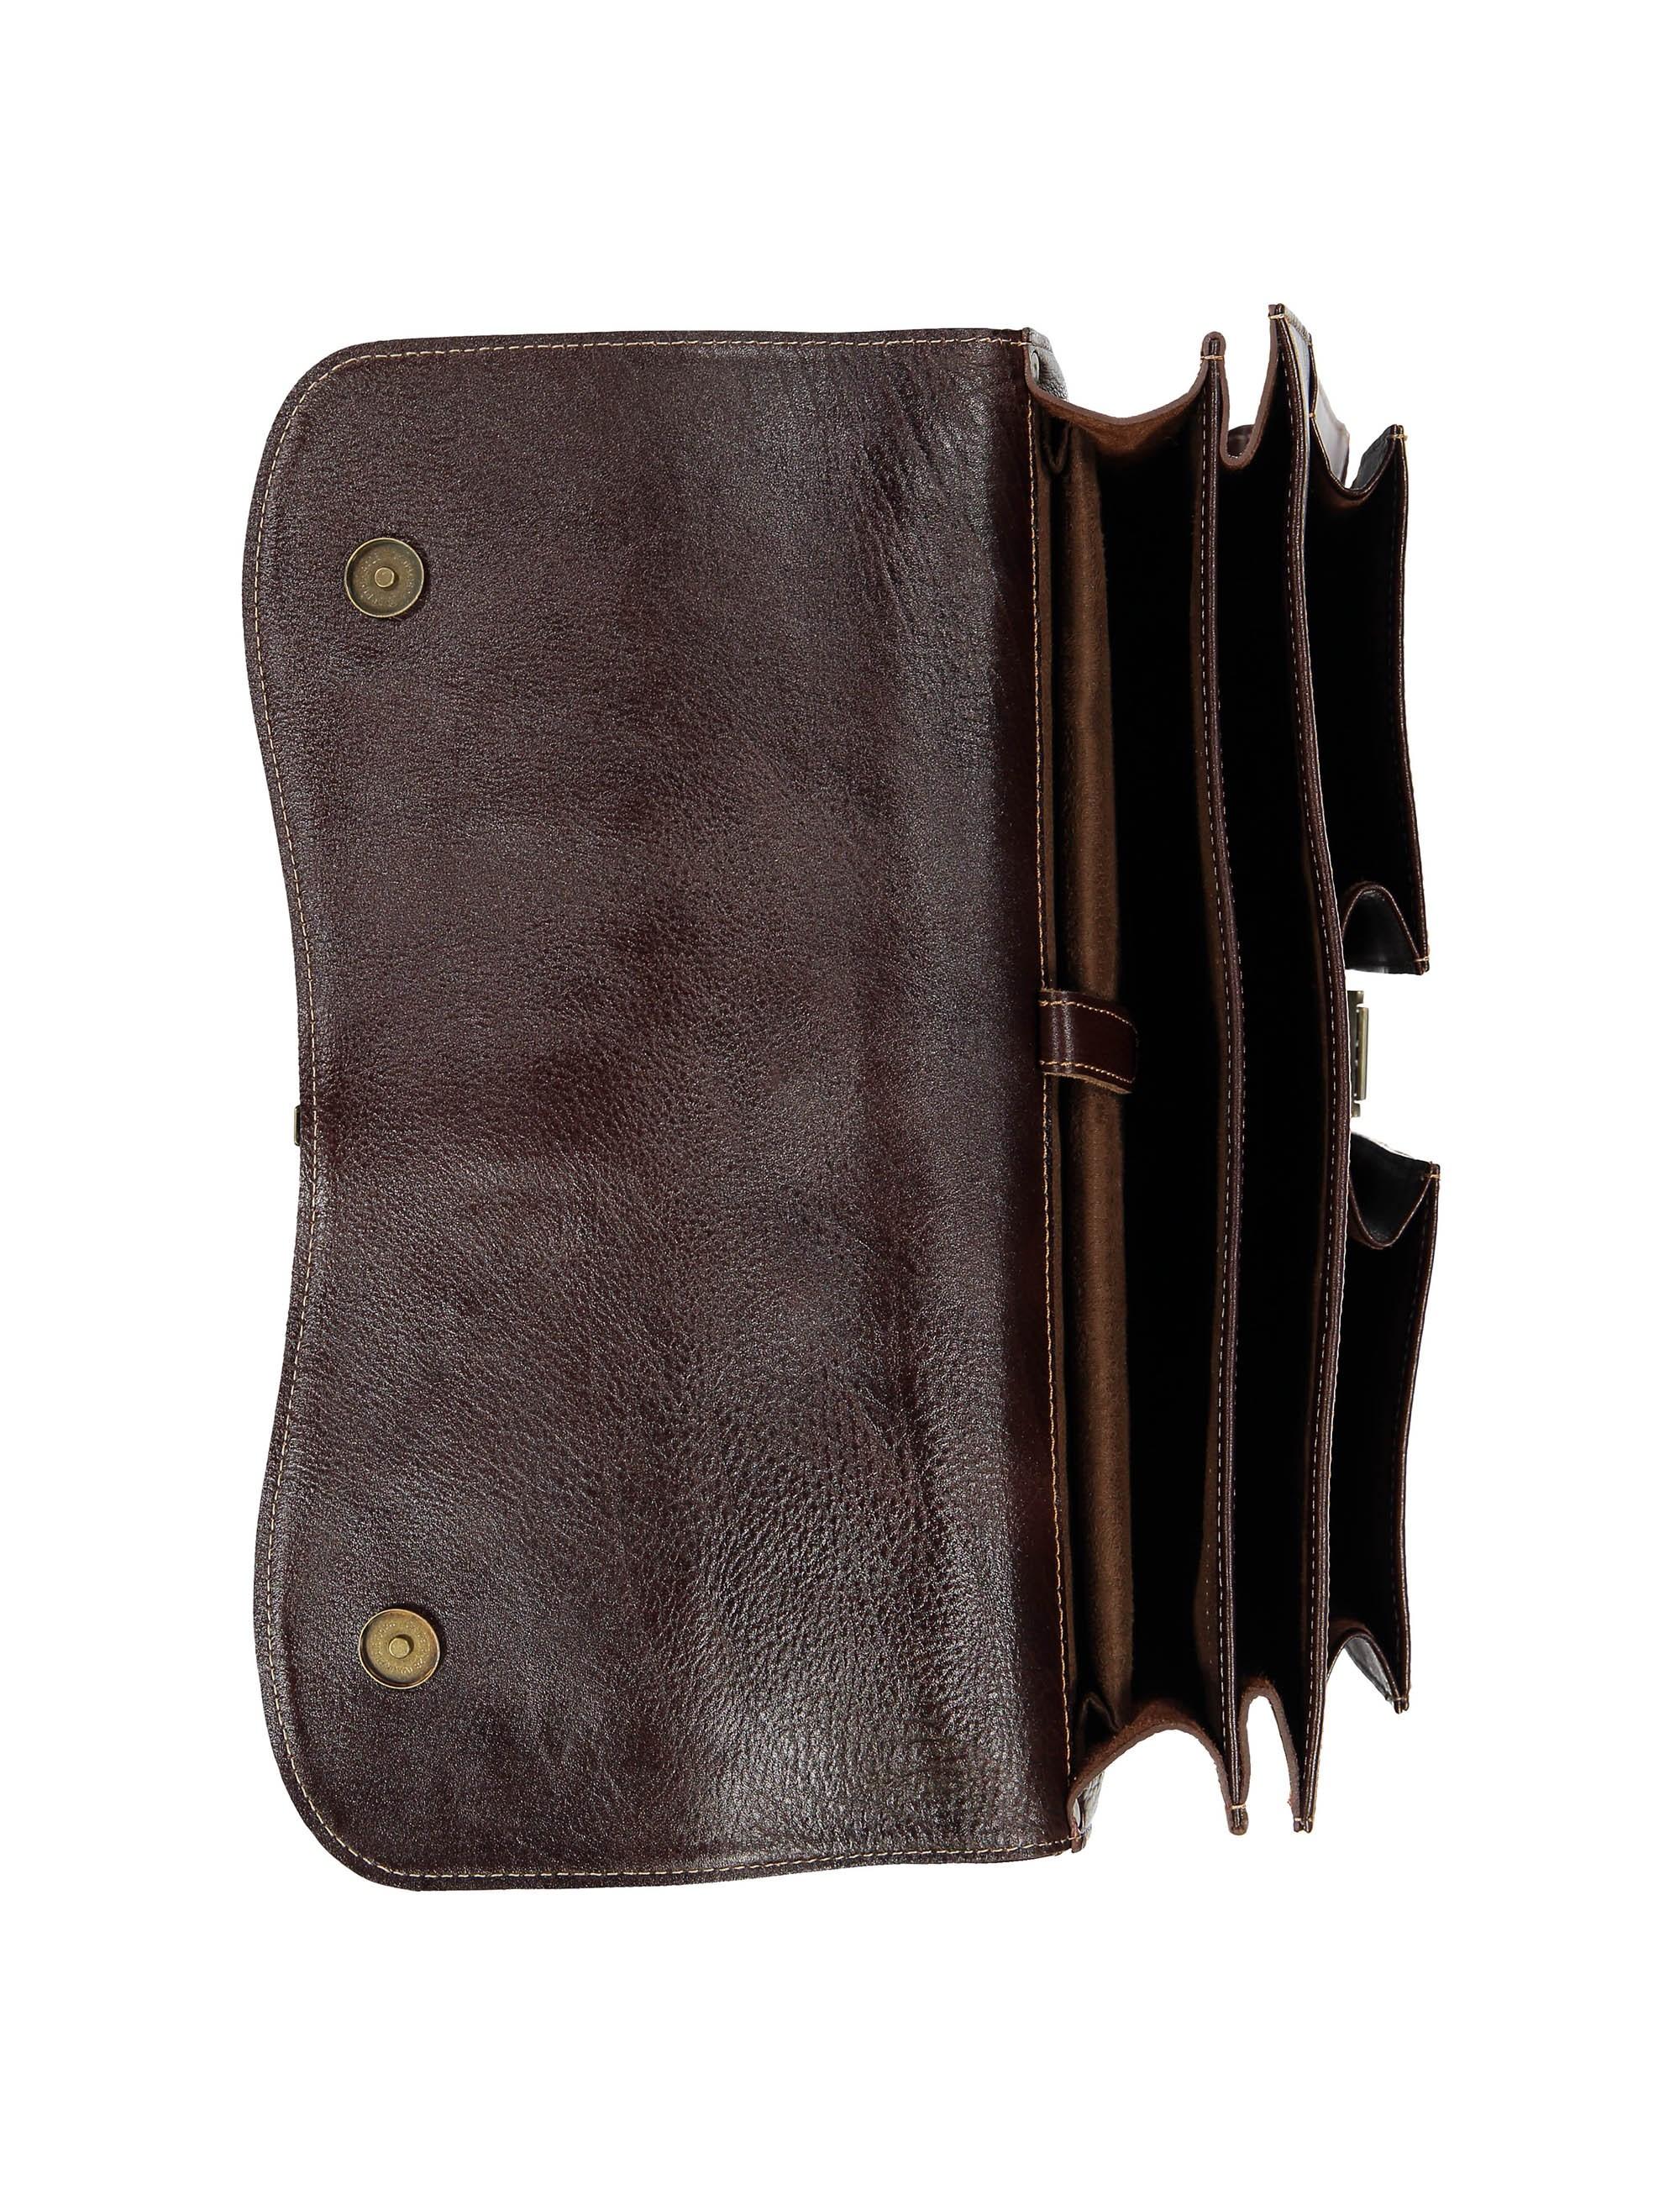 کیف دستی چرم بزرگسال - شهر چرم - قهوه اي  - 6